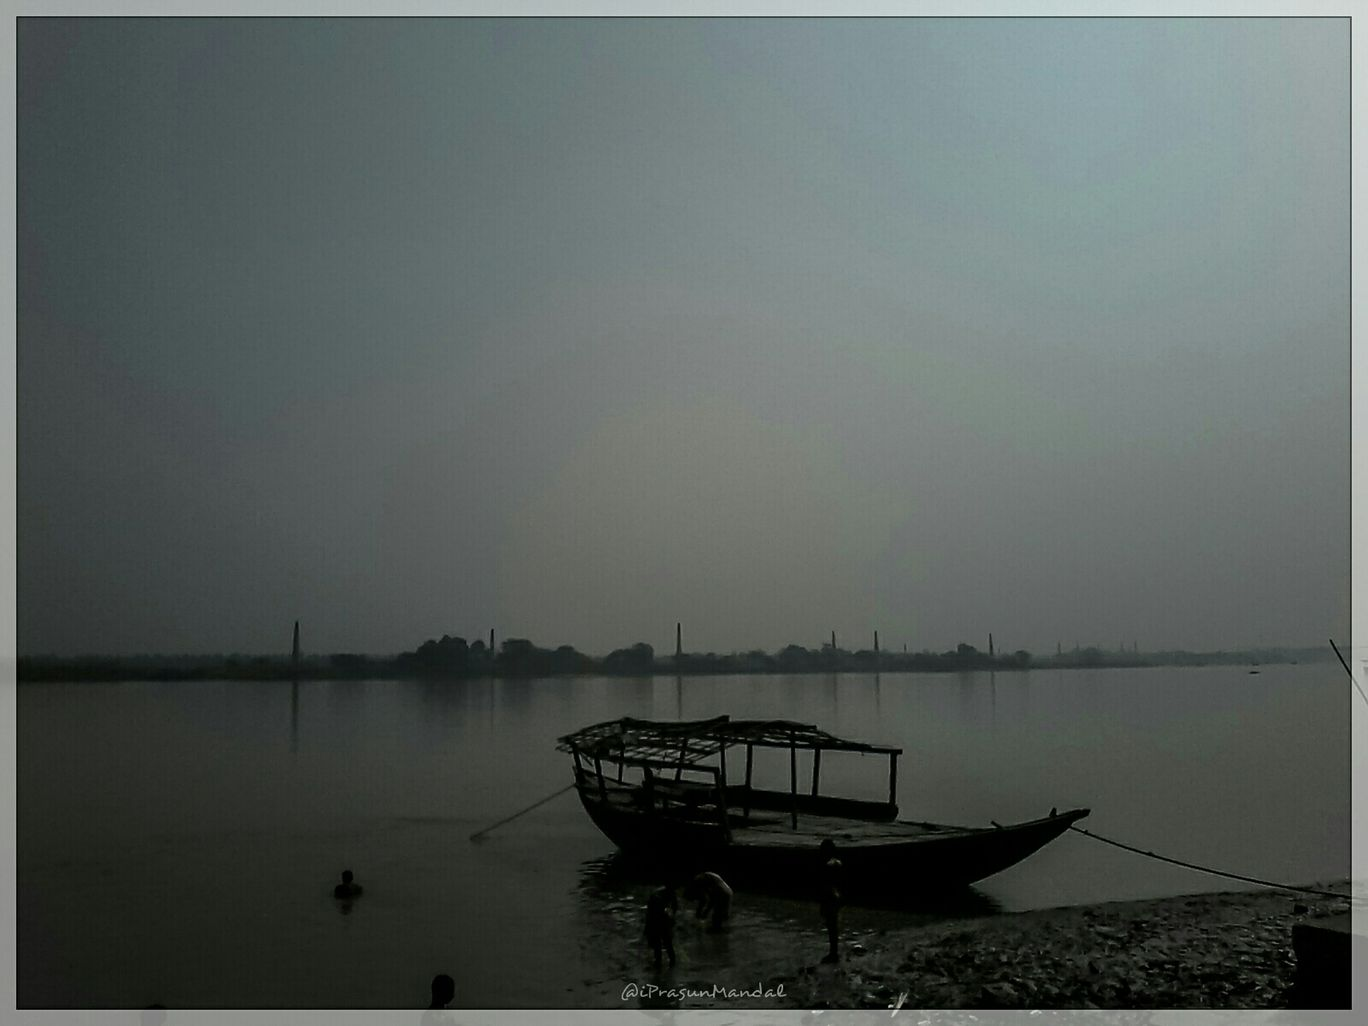 Photo of Tribeni By Prasun Mandal